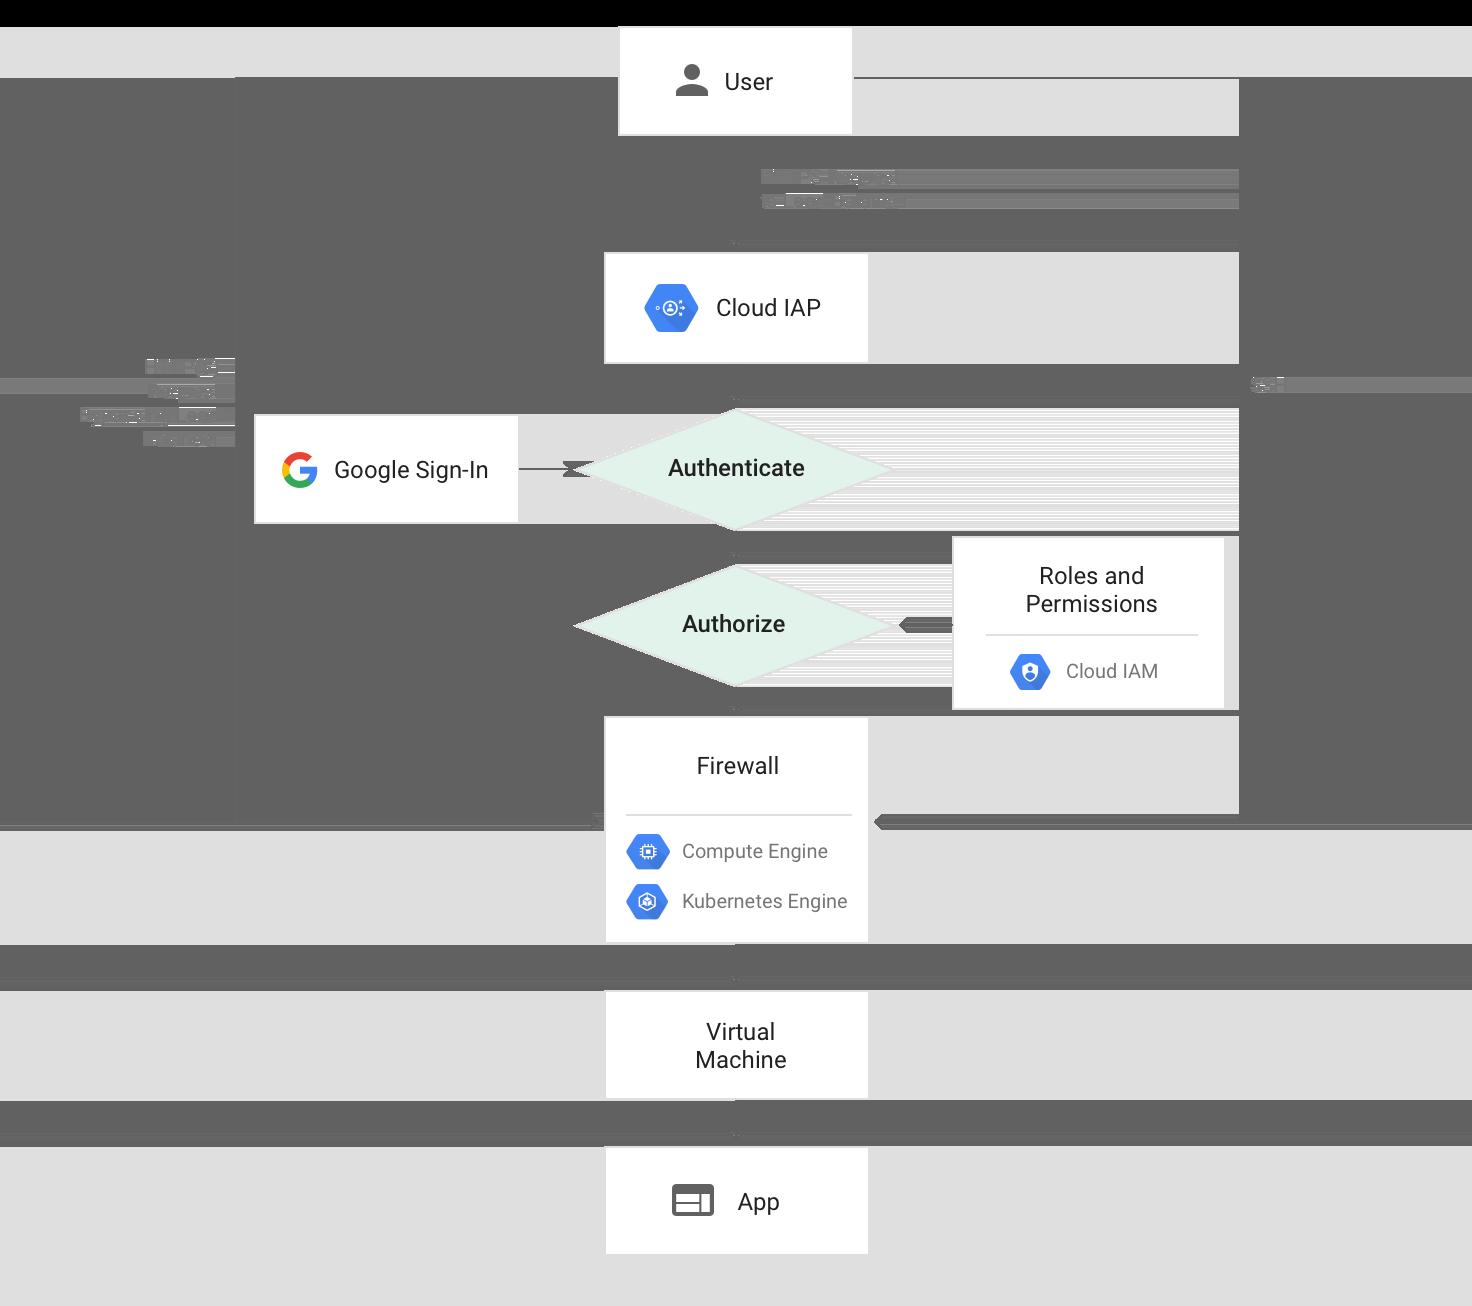 Diagramme du chemin de requête vers ComputeEngine et KubernetesEngine lors de l'utilisation de CloudIAP